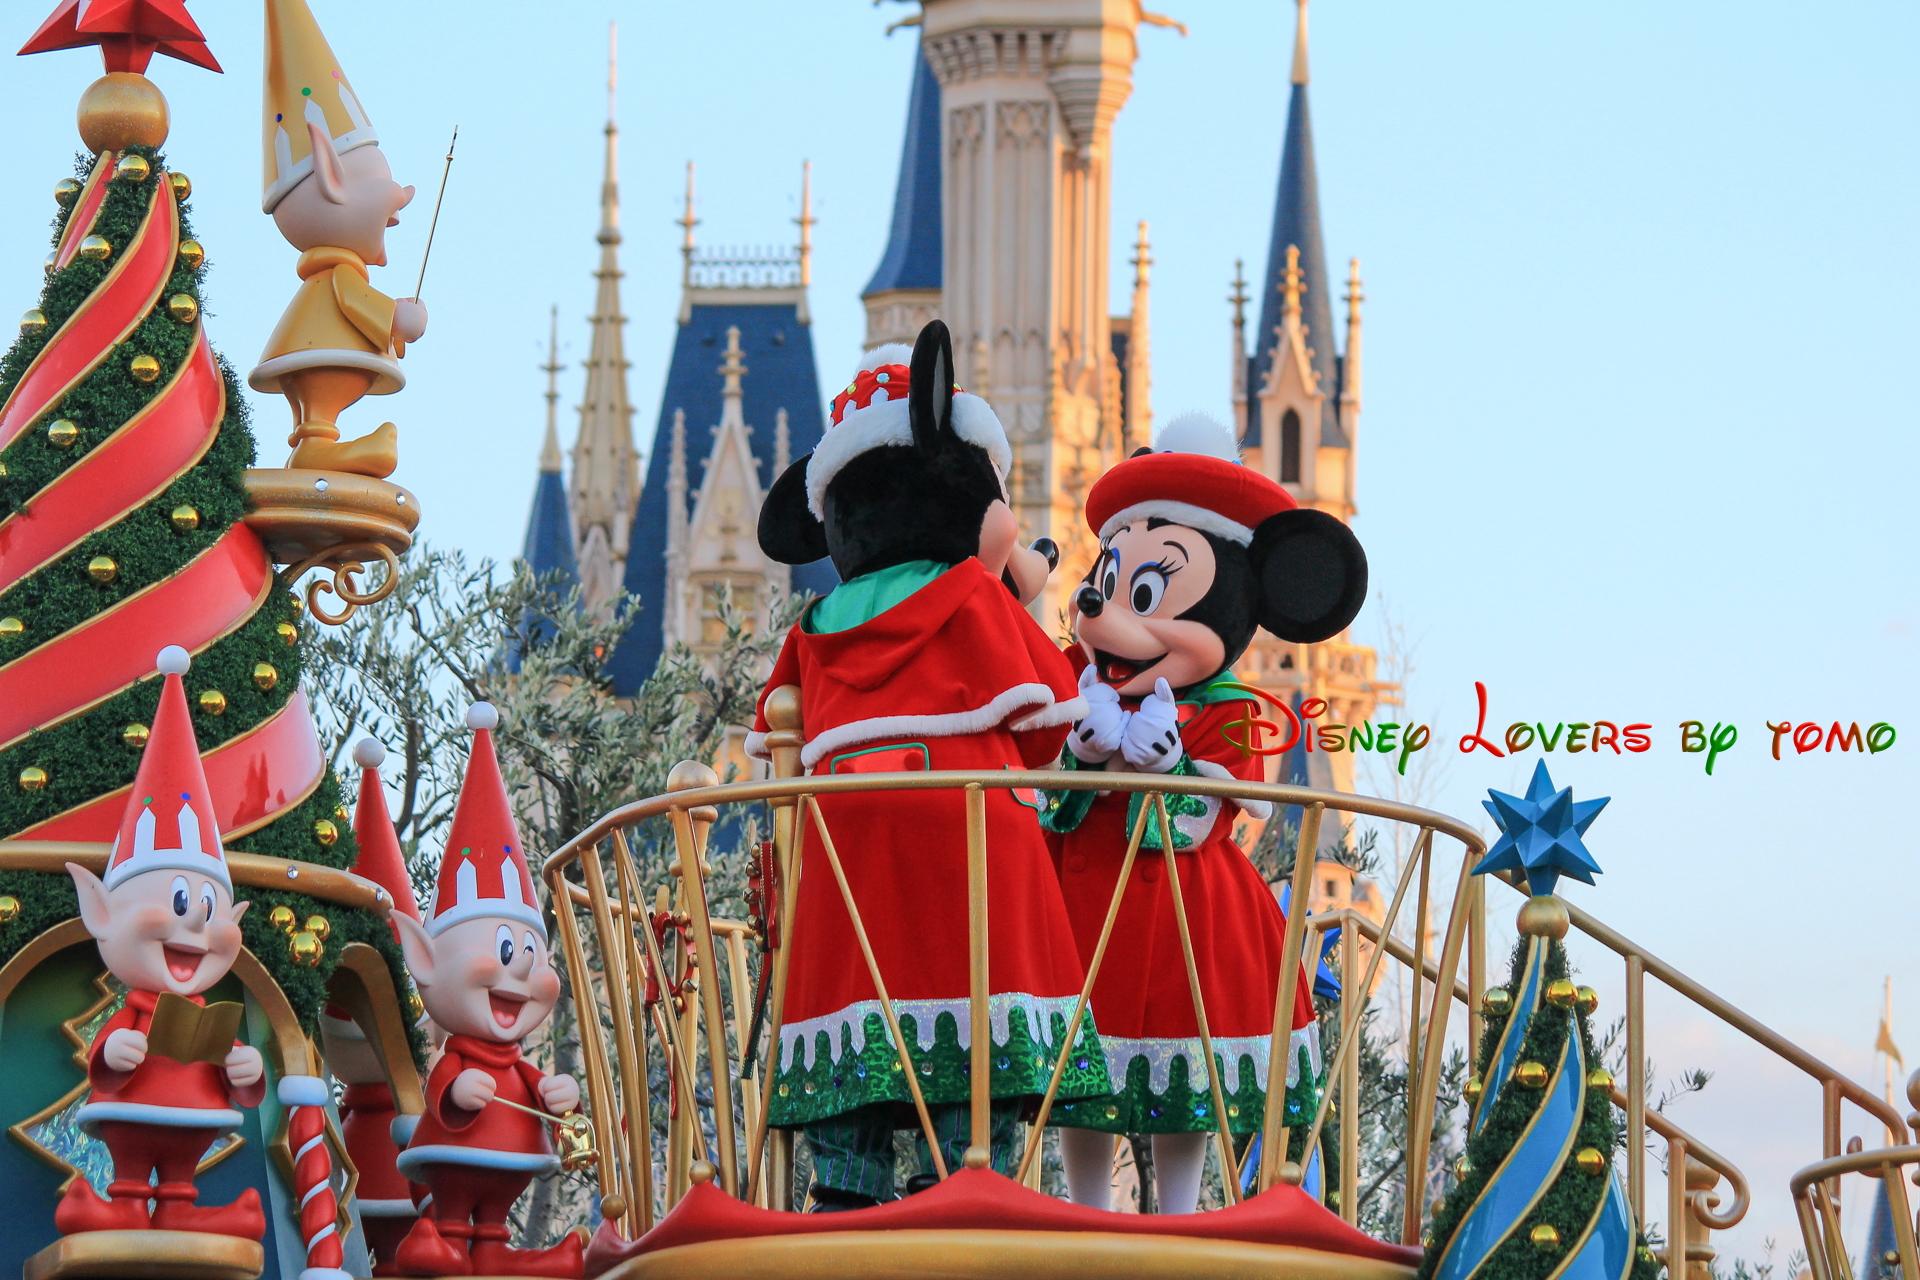 メリークリスマス ラブラブミキミニpart2 サンタヴィレッジパレード ディズニーリゾートライフのブログ